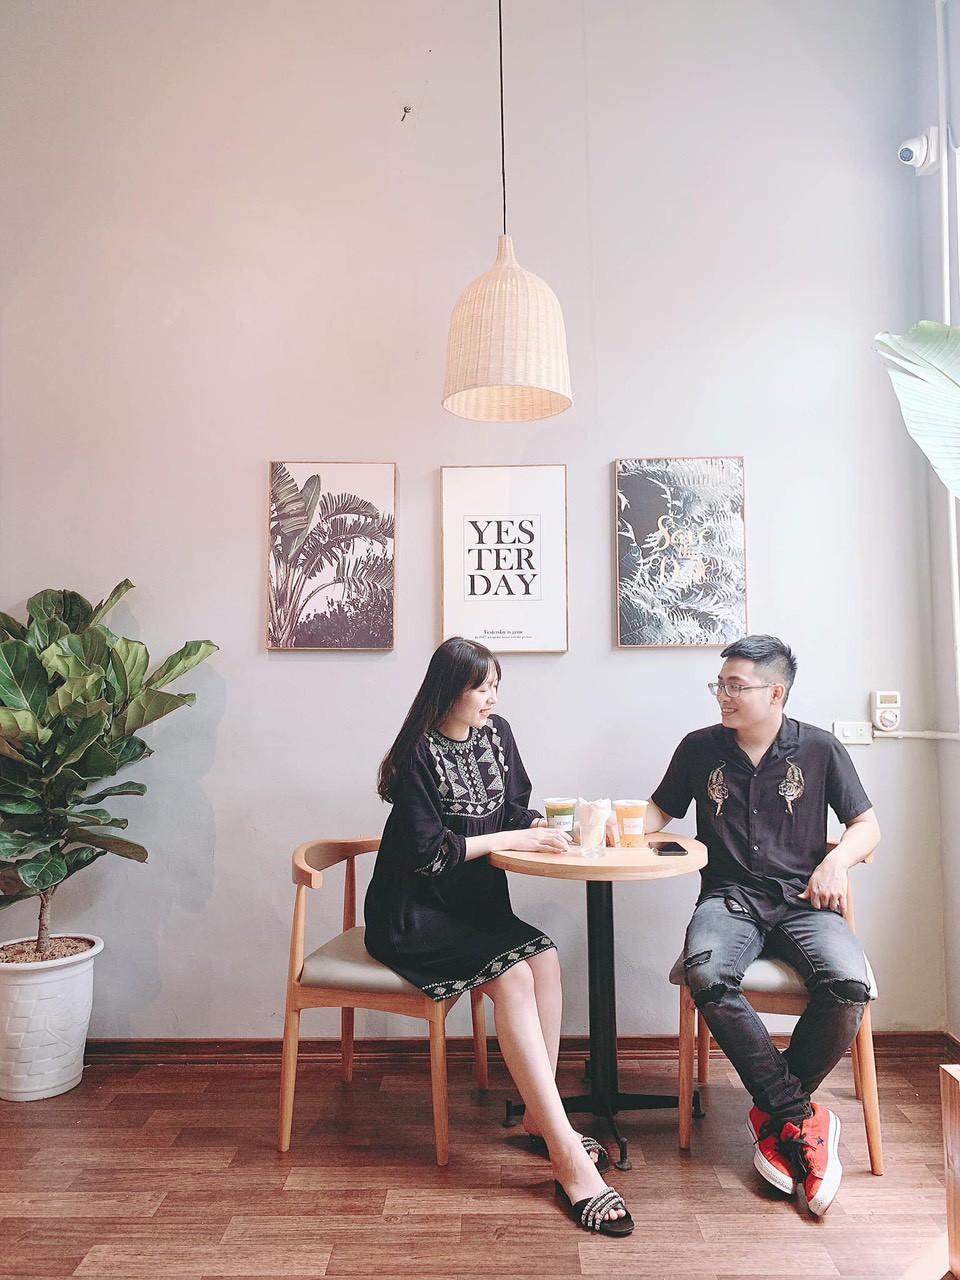 Điểm mặt thương hiệu trà sữa The Simple - đặc sản trong cộng đồng giới trẻ Hải Dương - Ảnh 6.